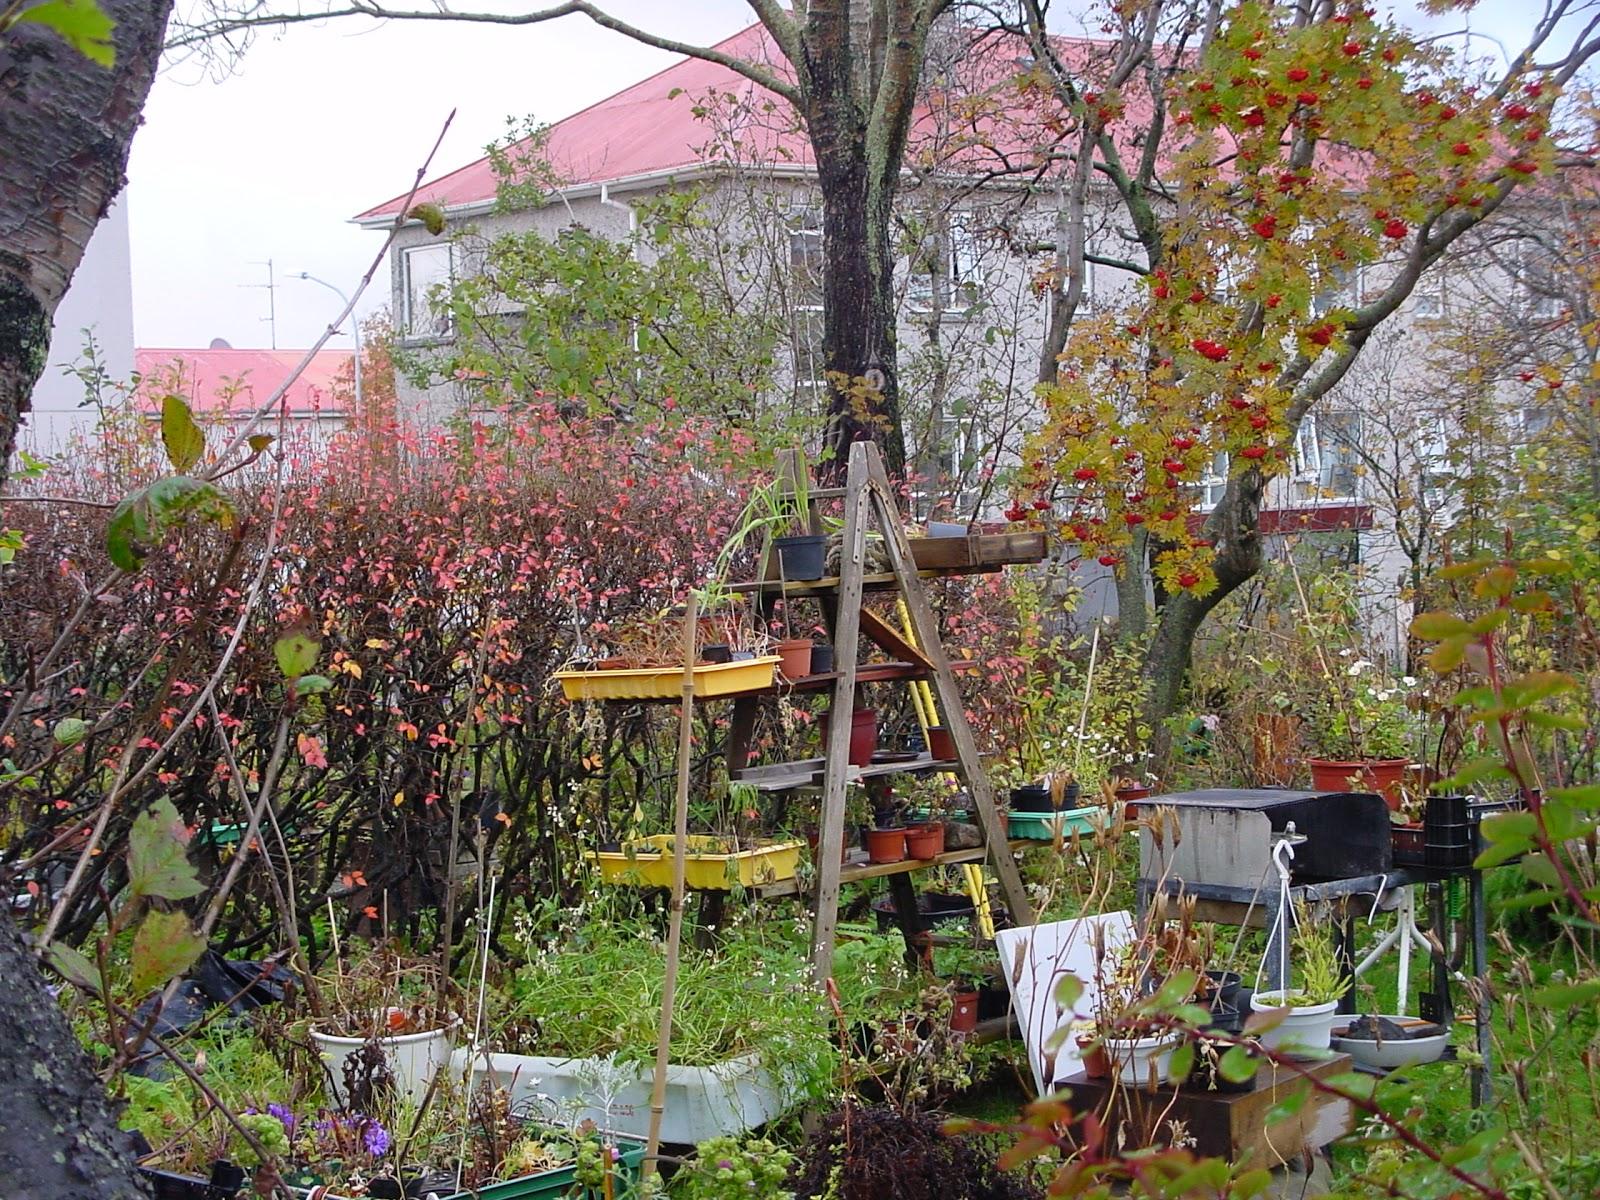 Jardineria eladio nonay el jard n olvidado jardiner a - Jardineria eladio nonay ...